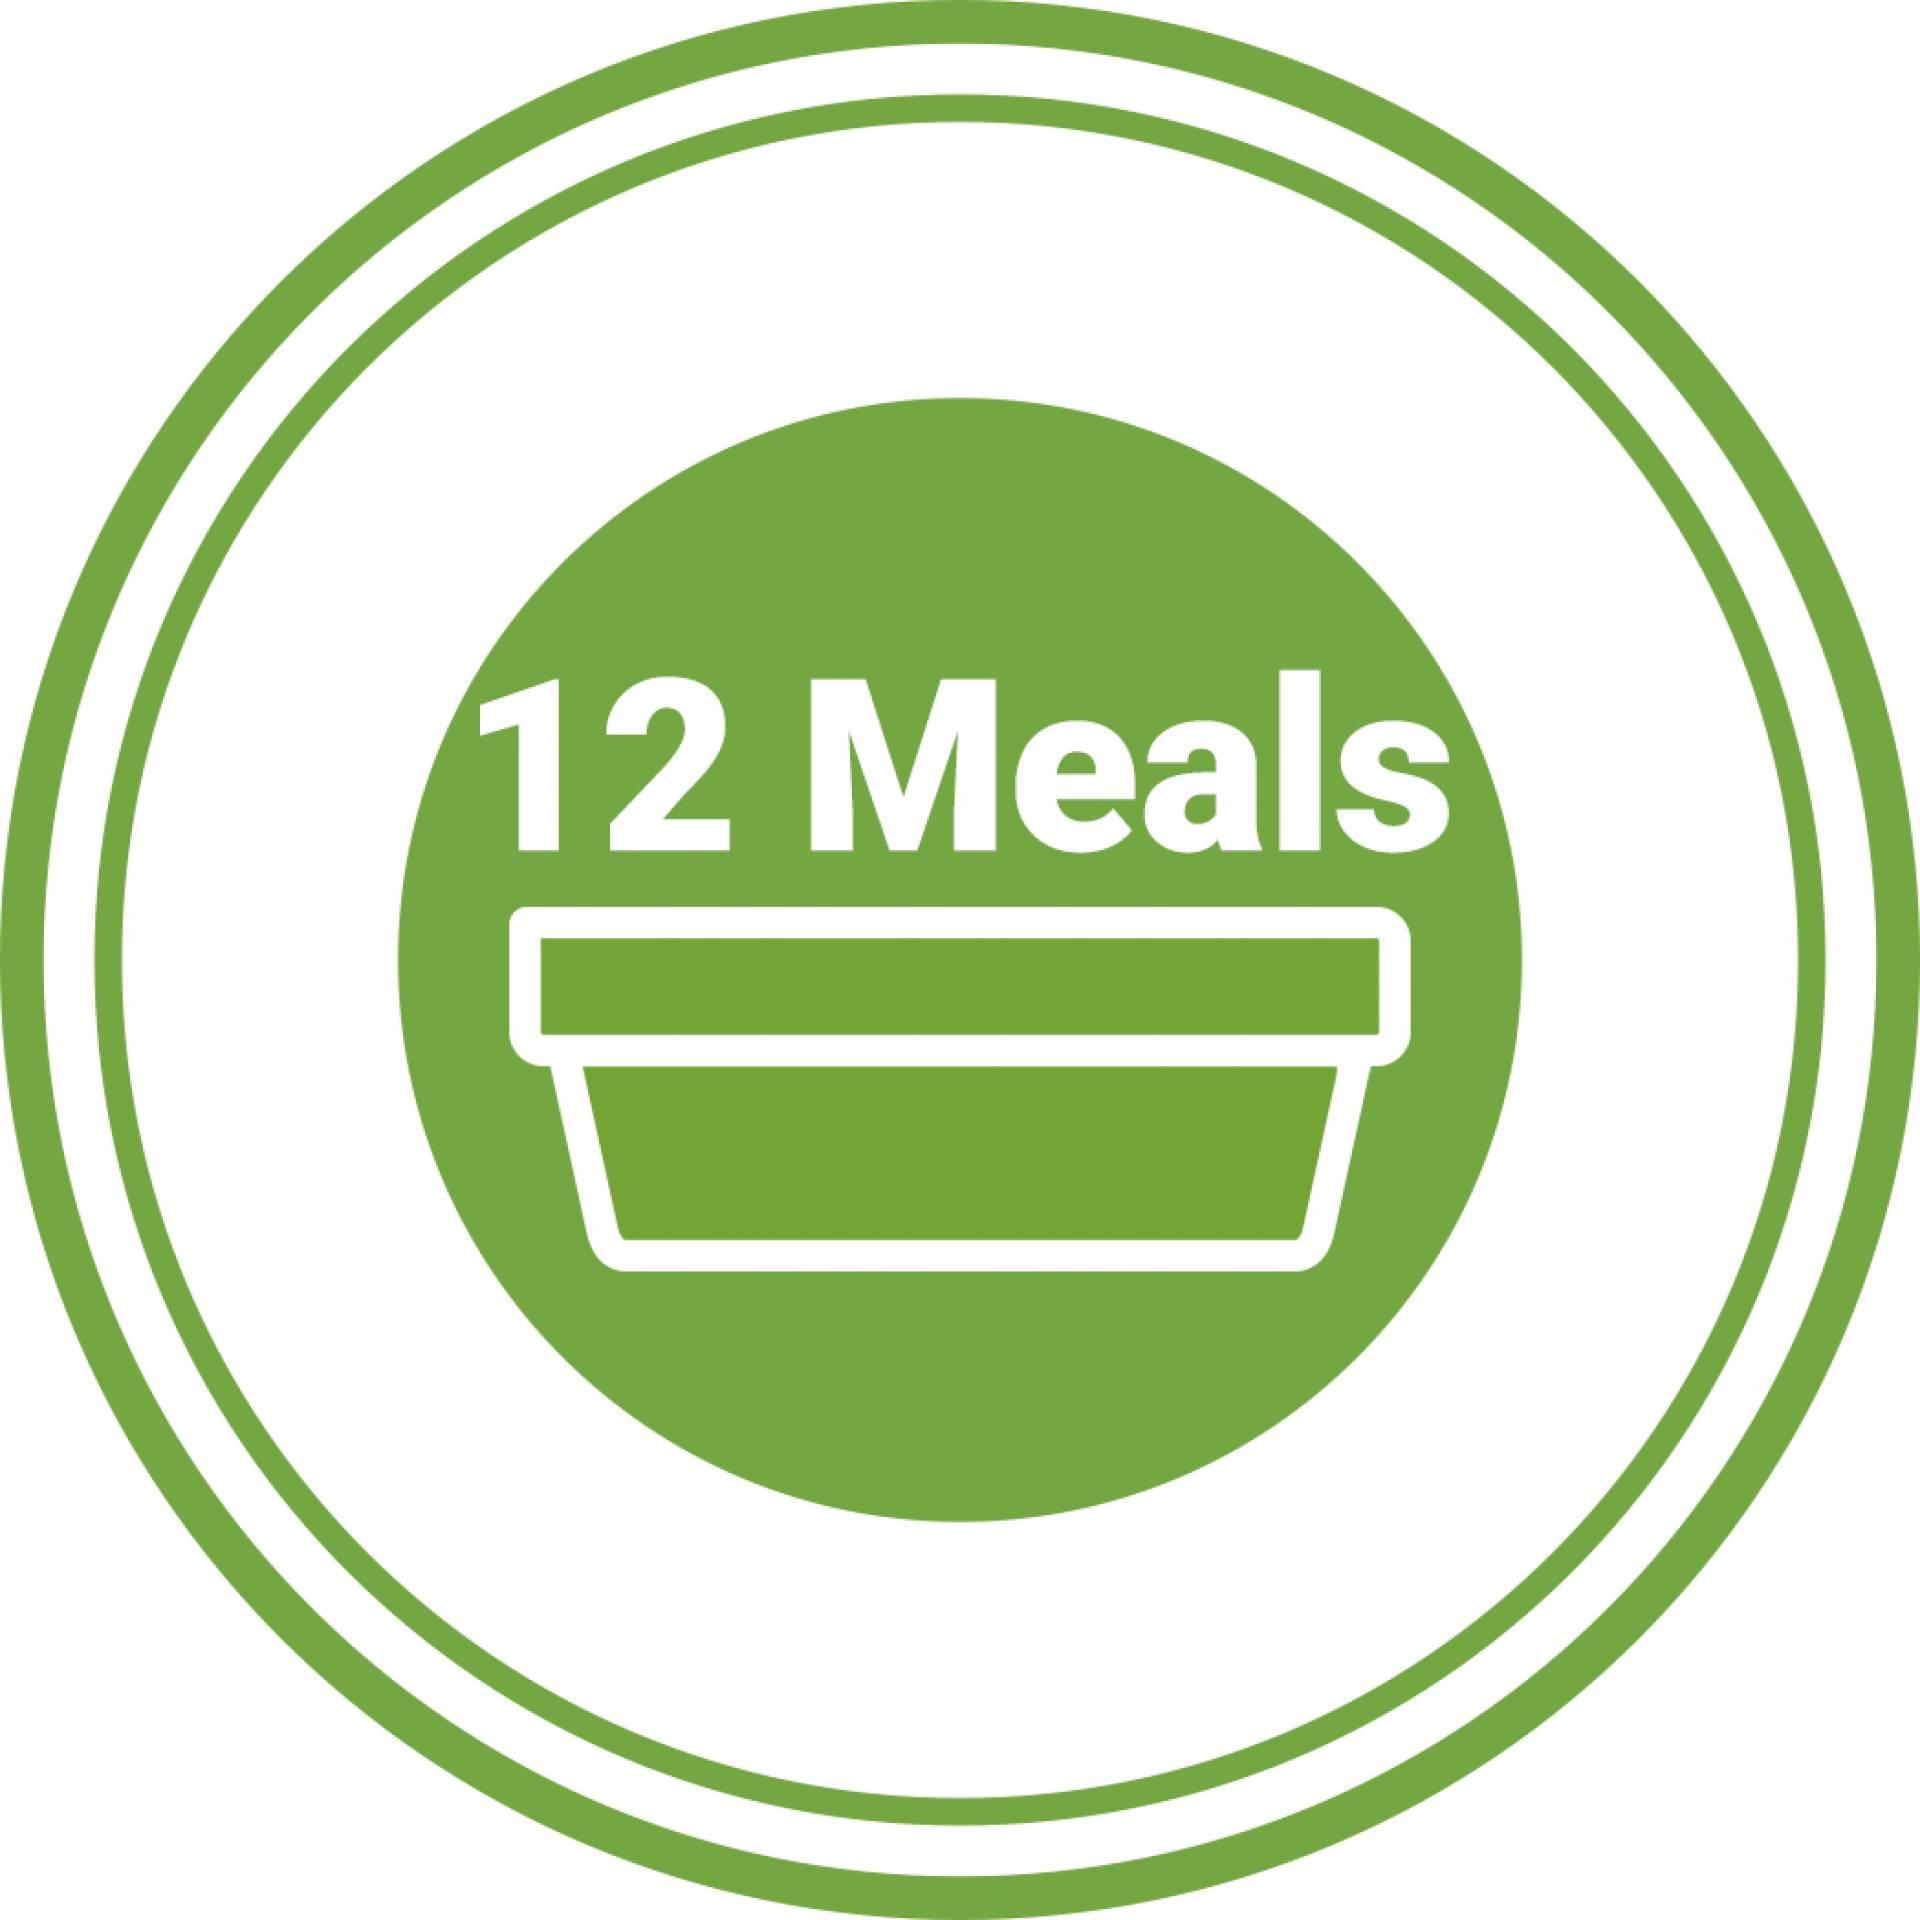 12 Meals